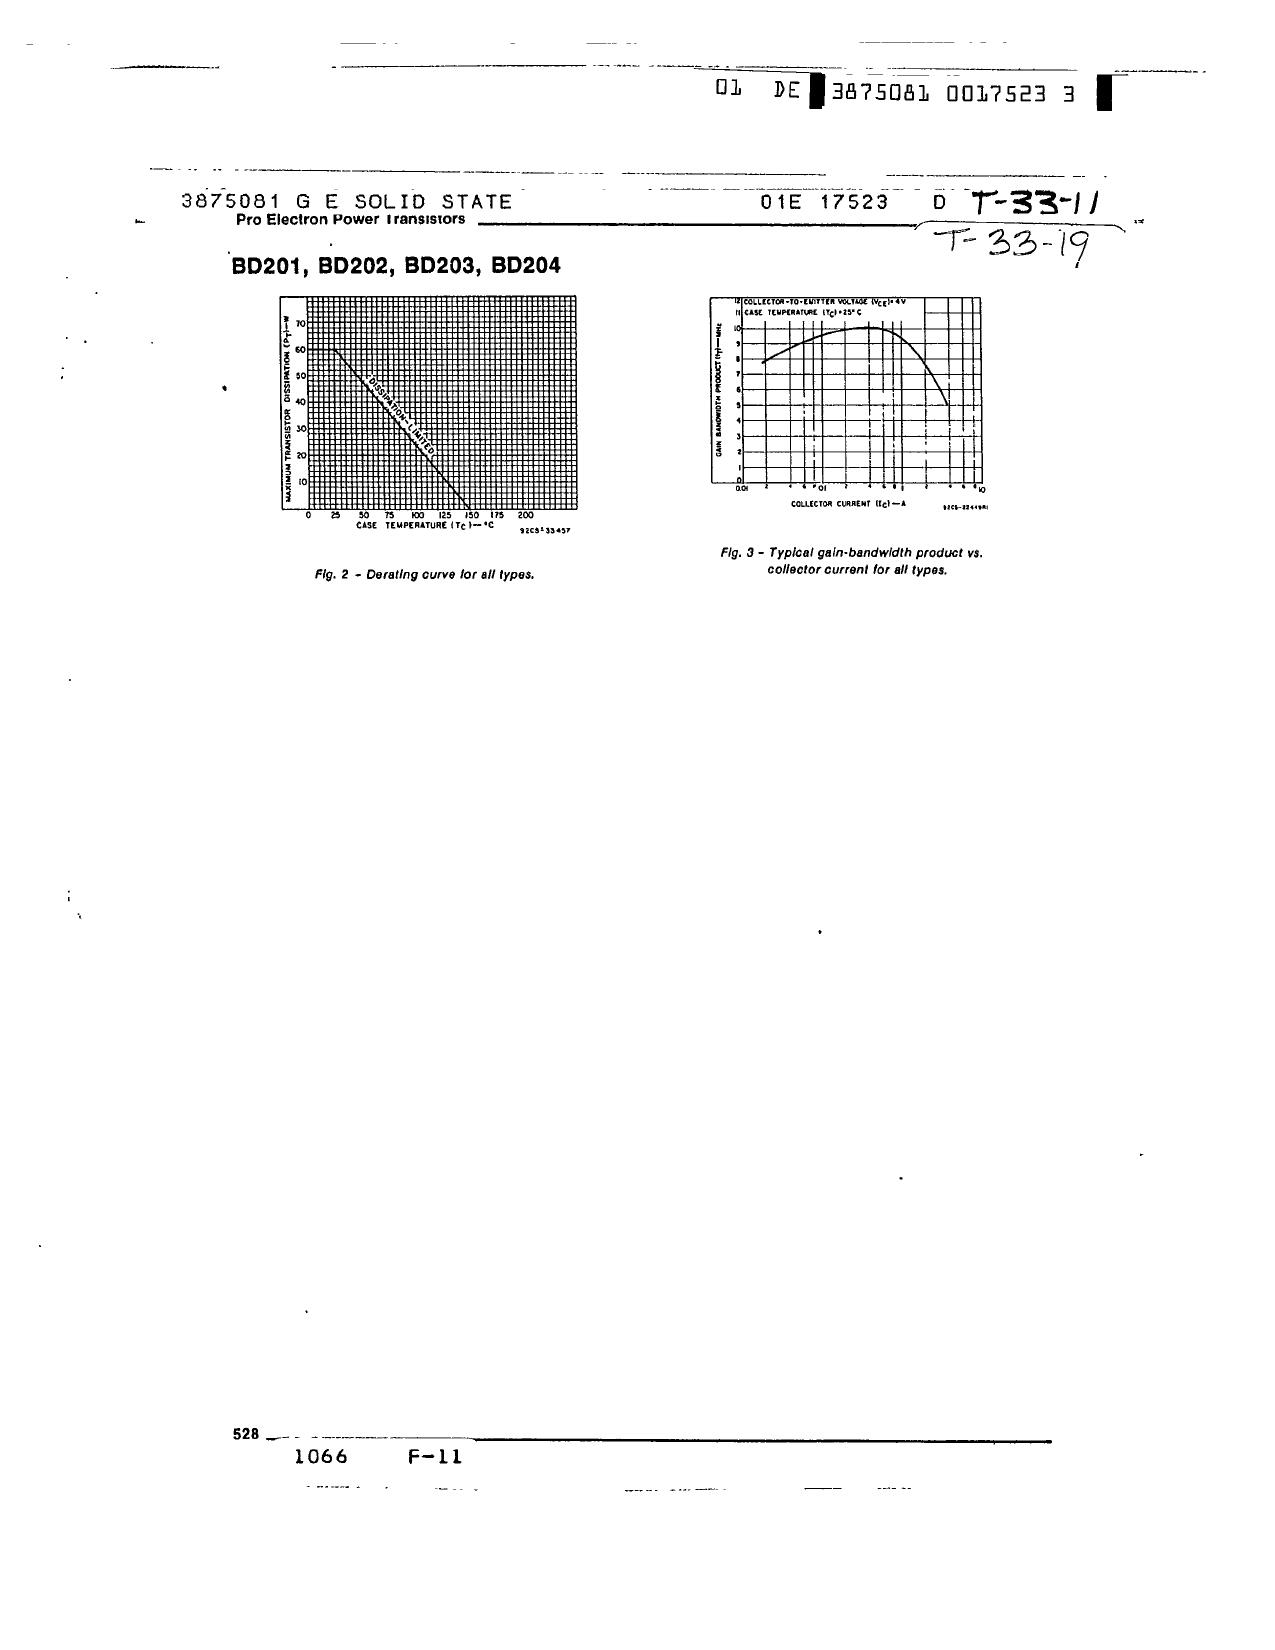 BD201 pdf, ピン配列